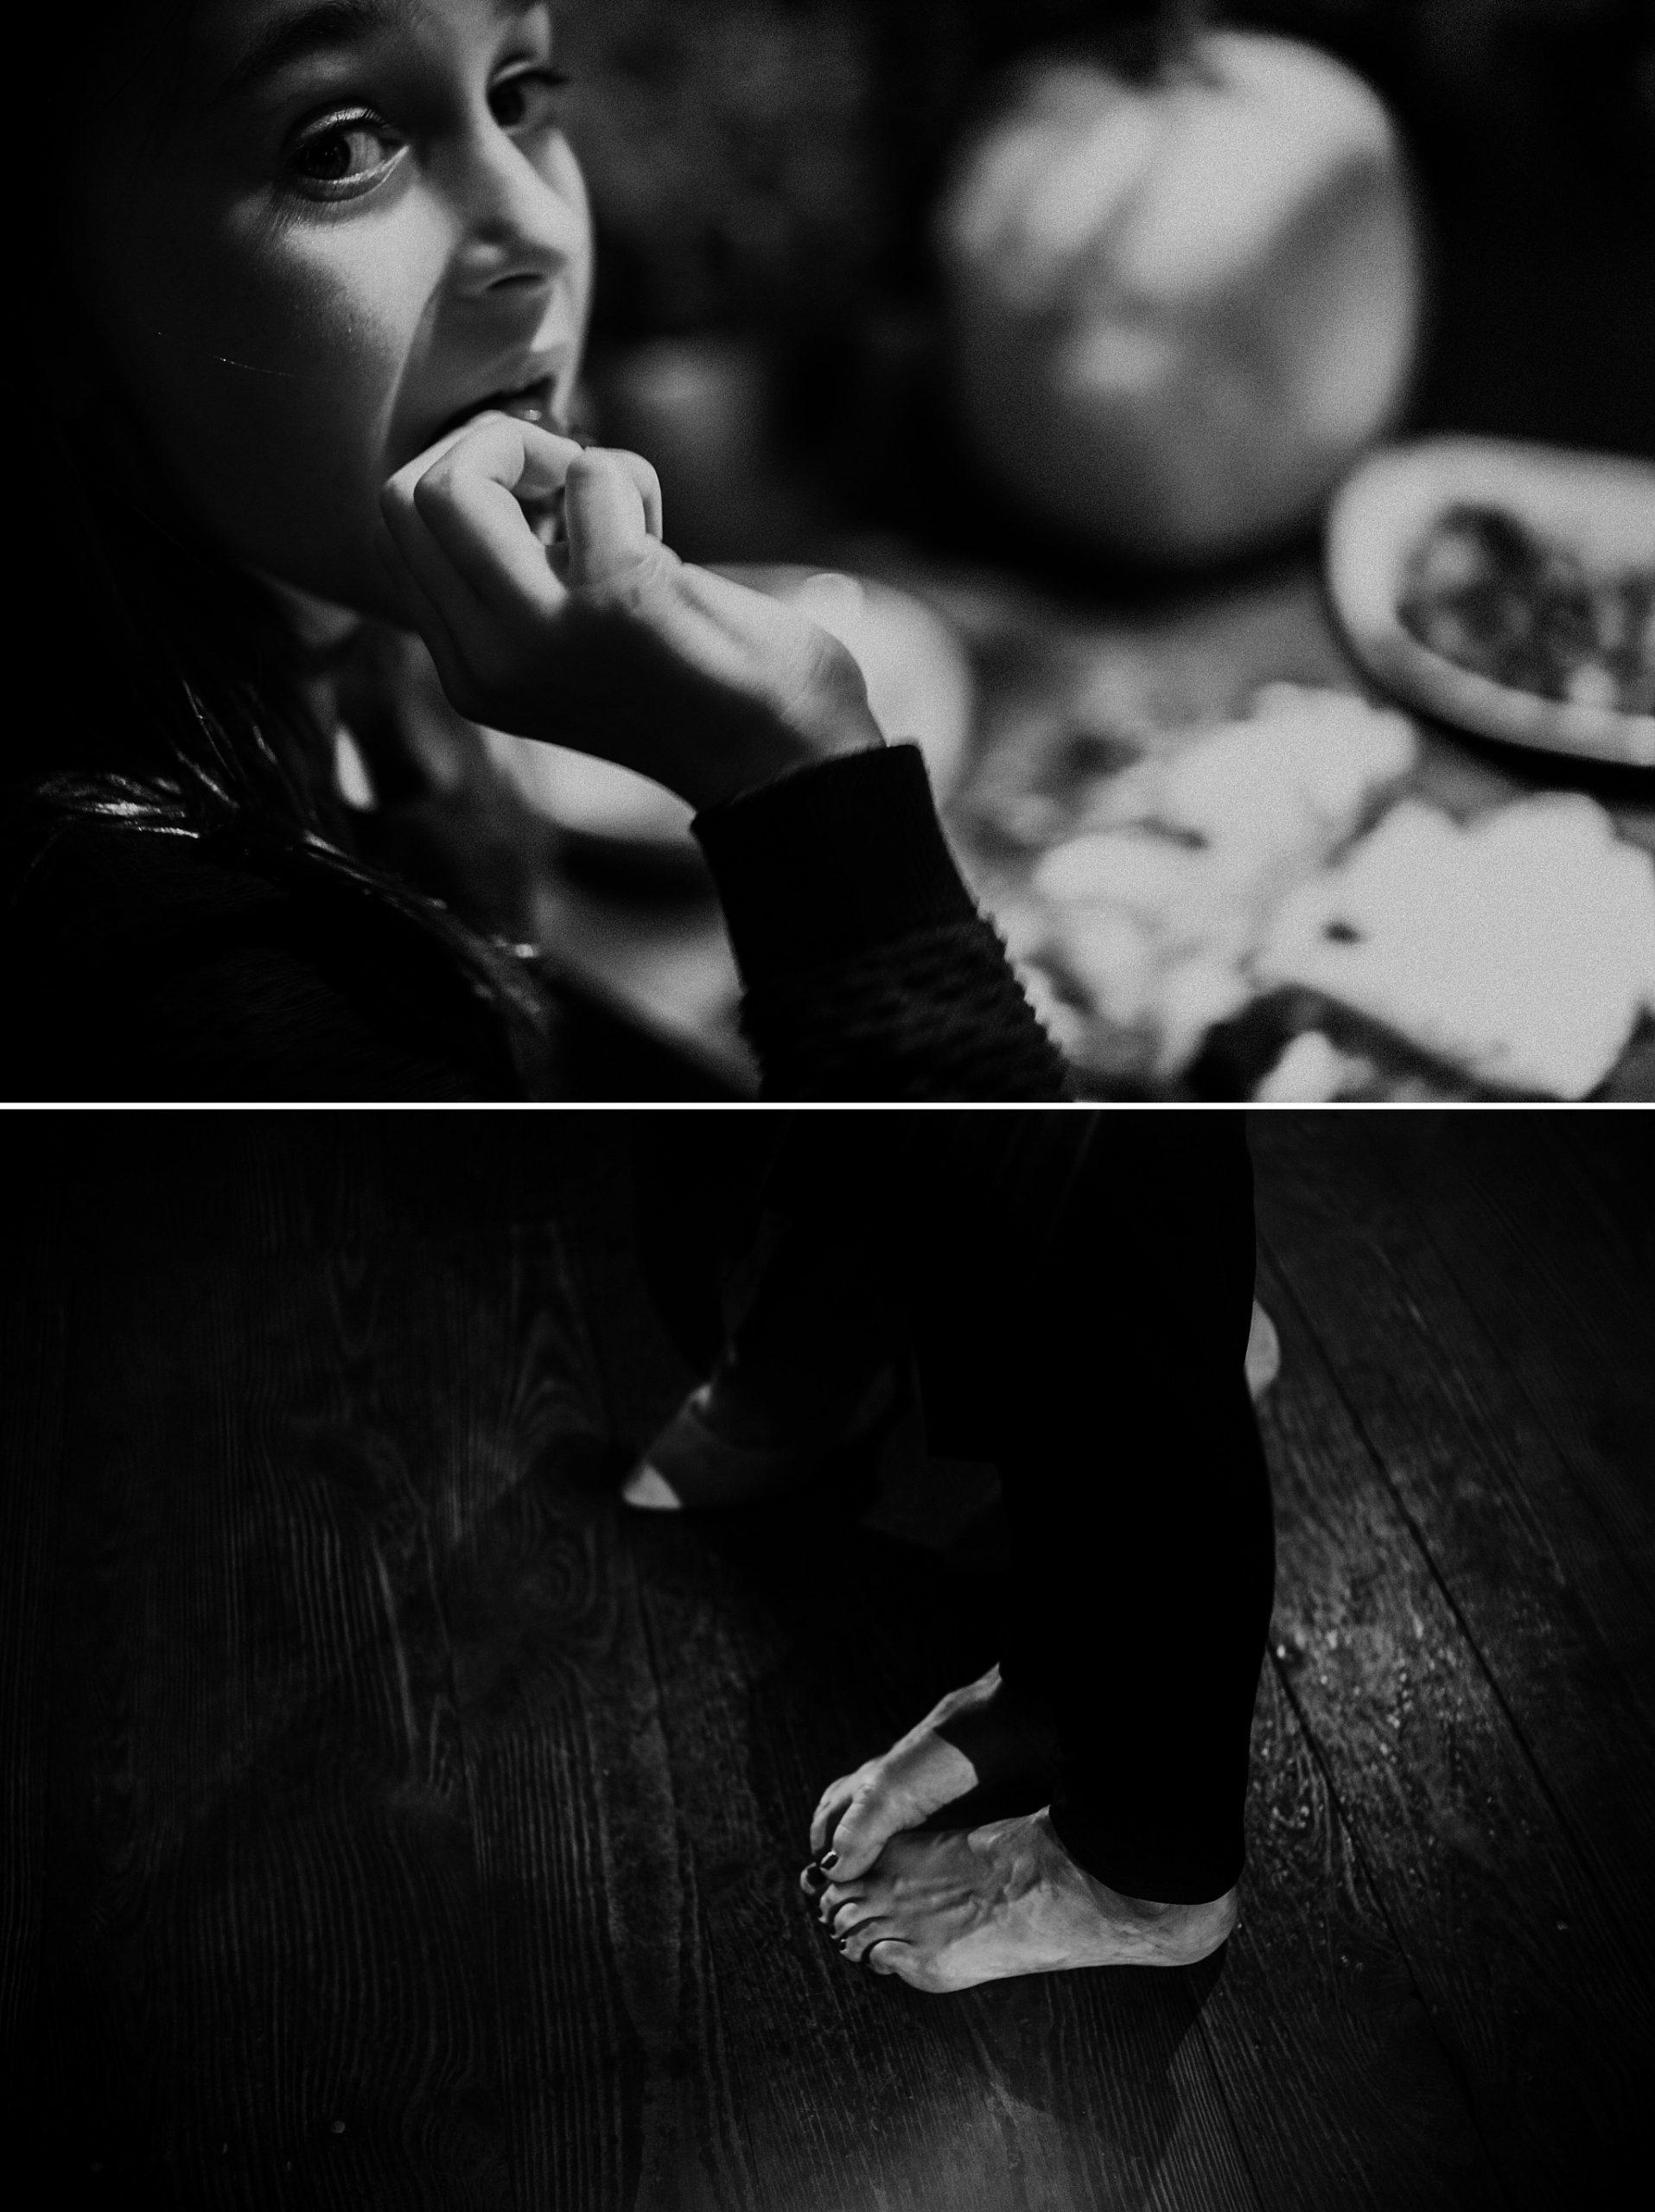 fotograf poznan wesele dobra truskawka piekne wesele pod poznaniem wesele w dobrej truskawce piekna para mloda slub marzen slub koronawirus slub listopad wesele koronawirus 493 scaled